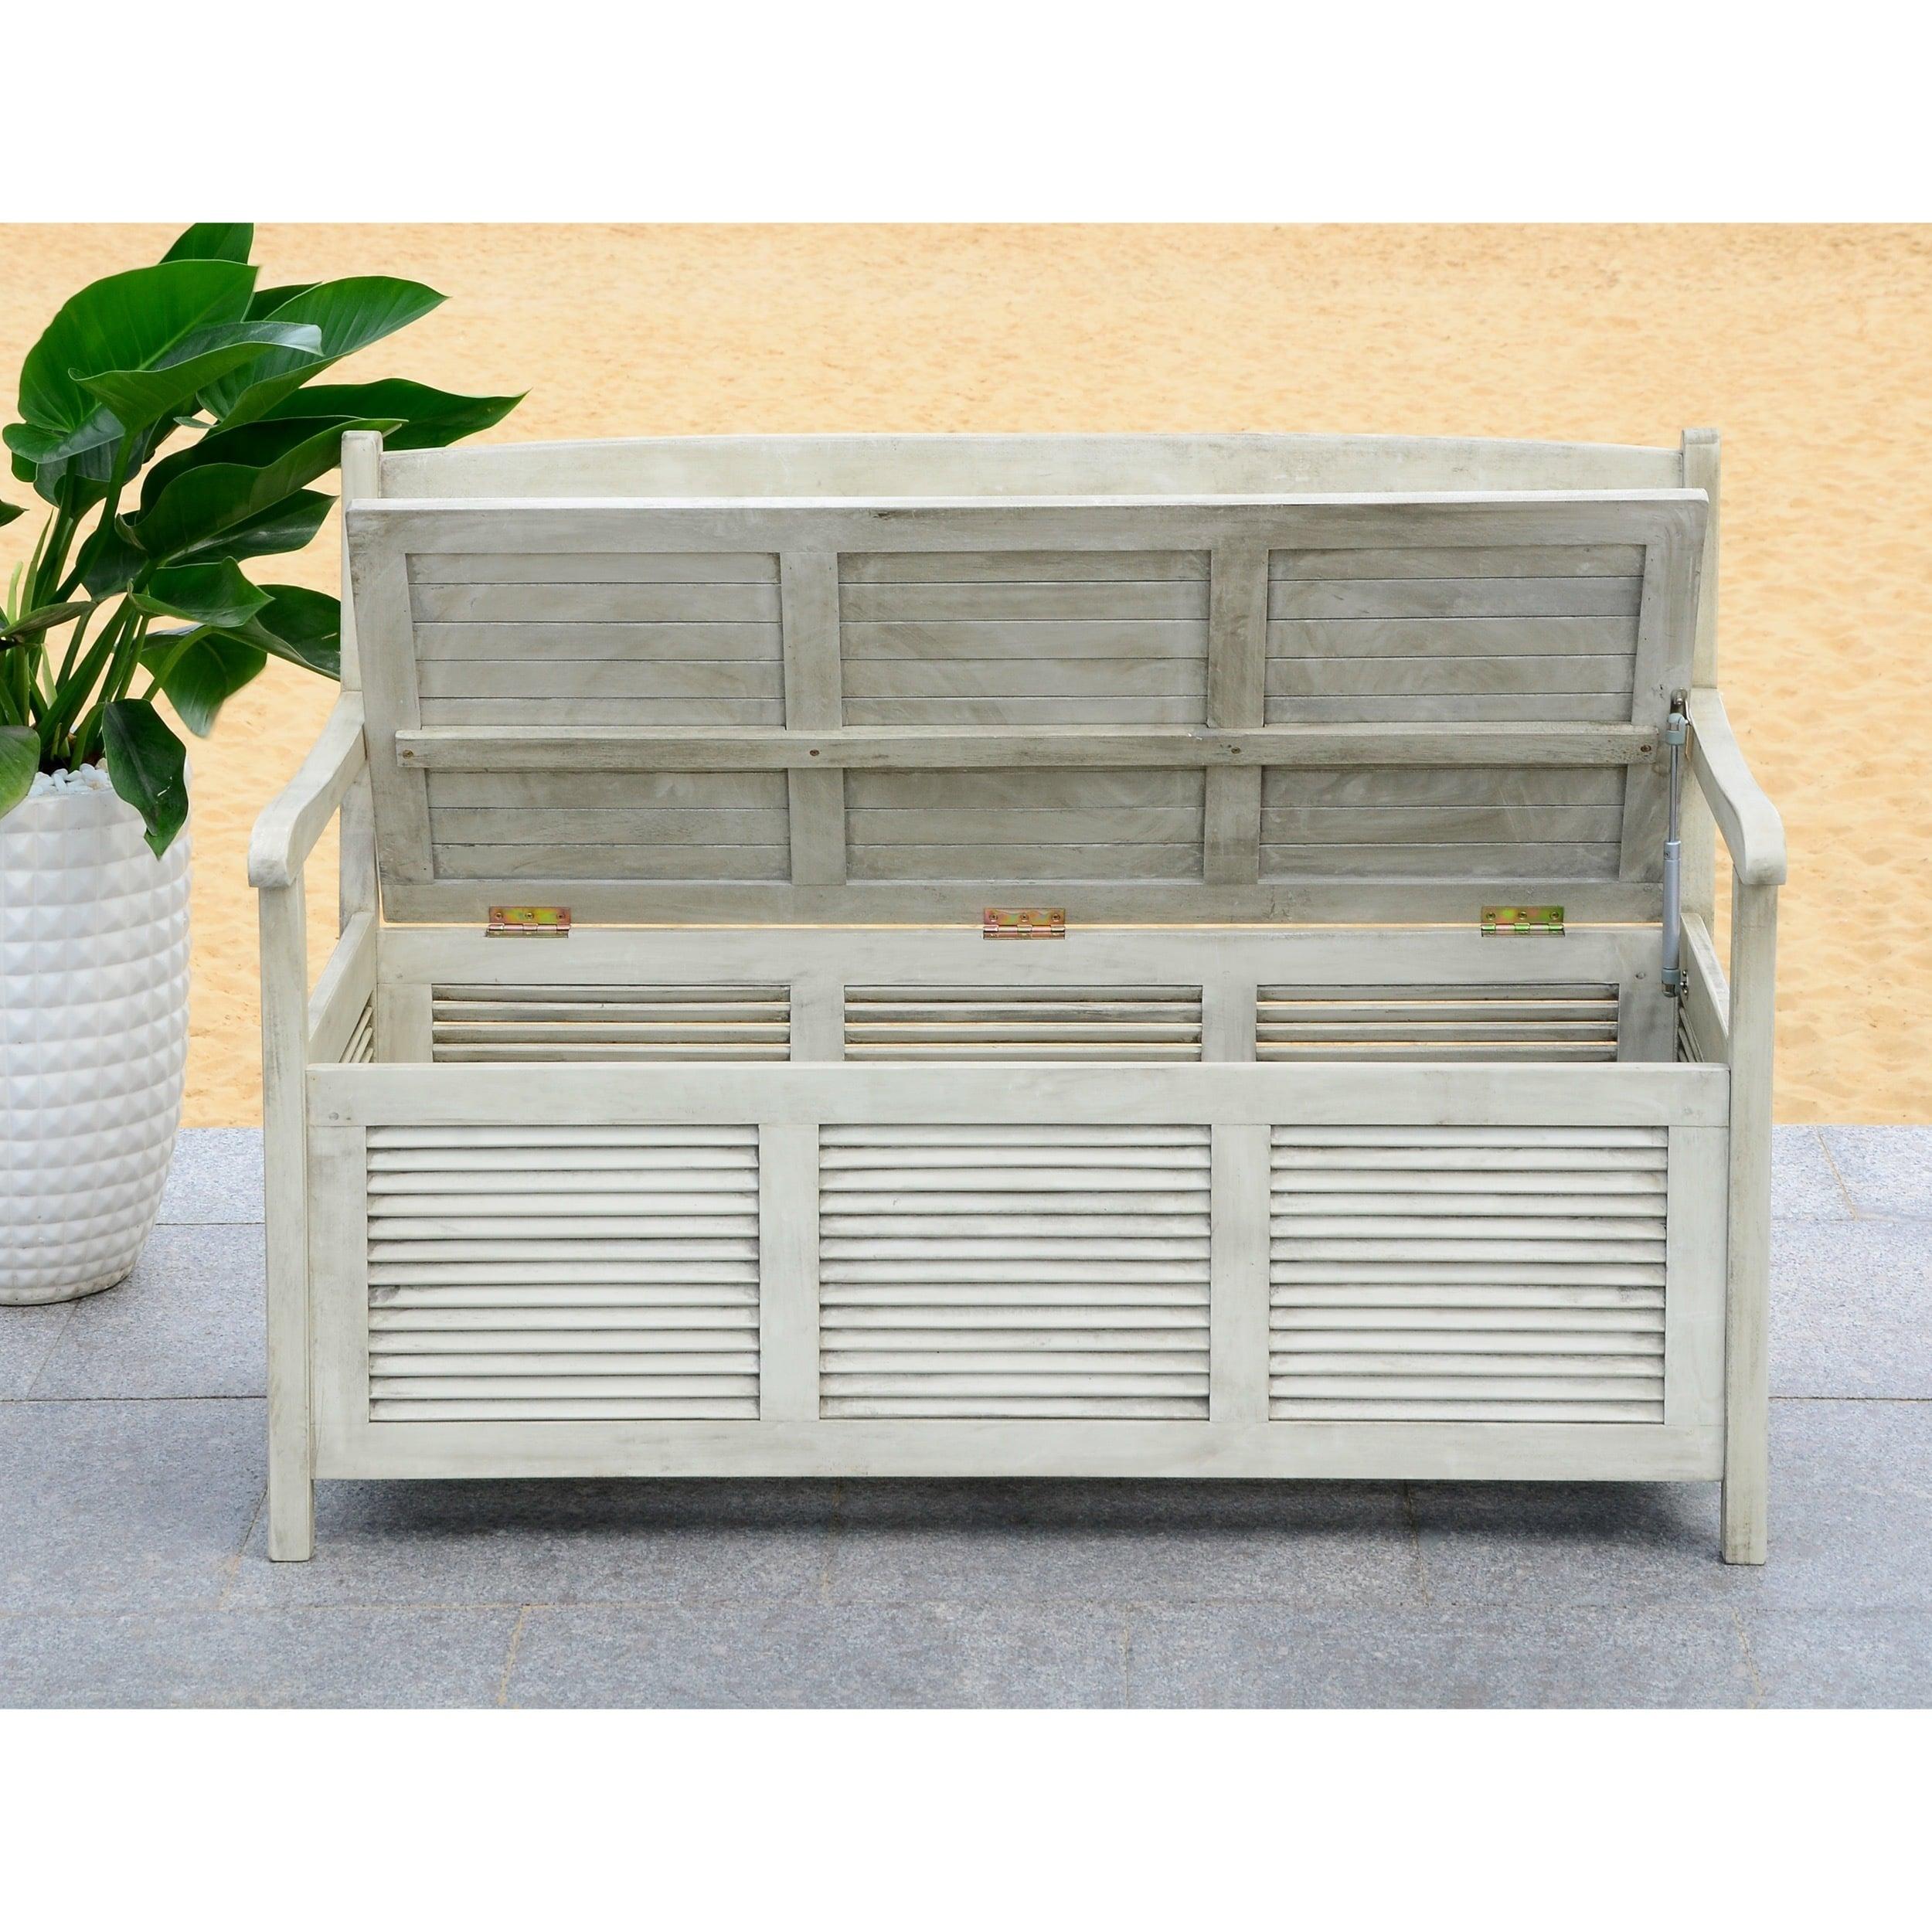 Safavieh Outdoor Living Brisbane Distressed White Storage Bench 50 X 24 35 2